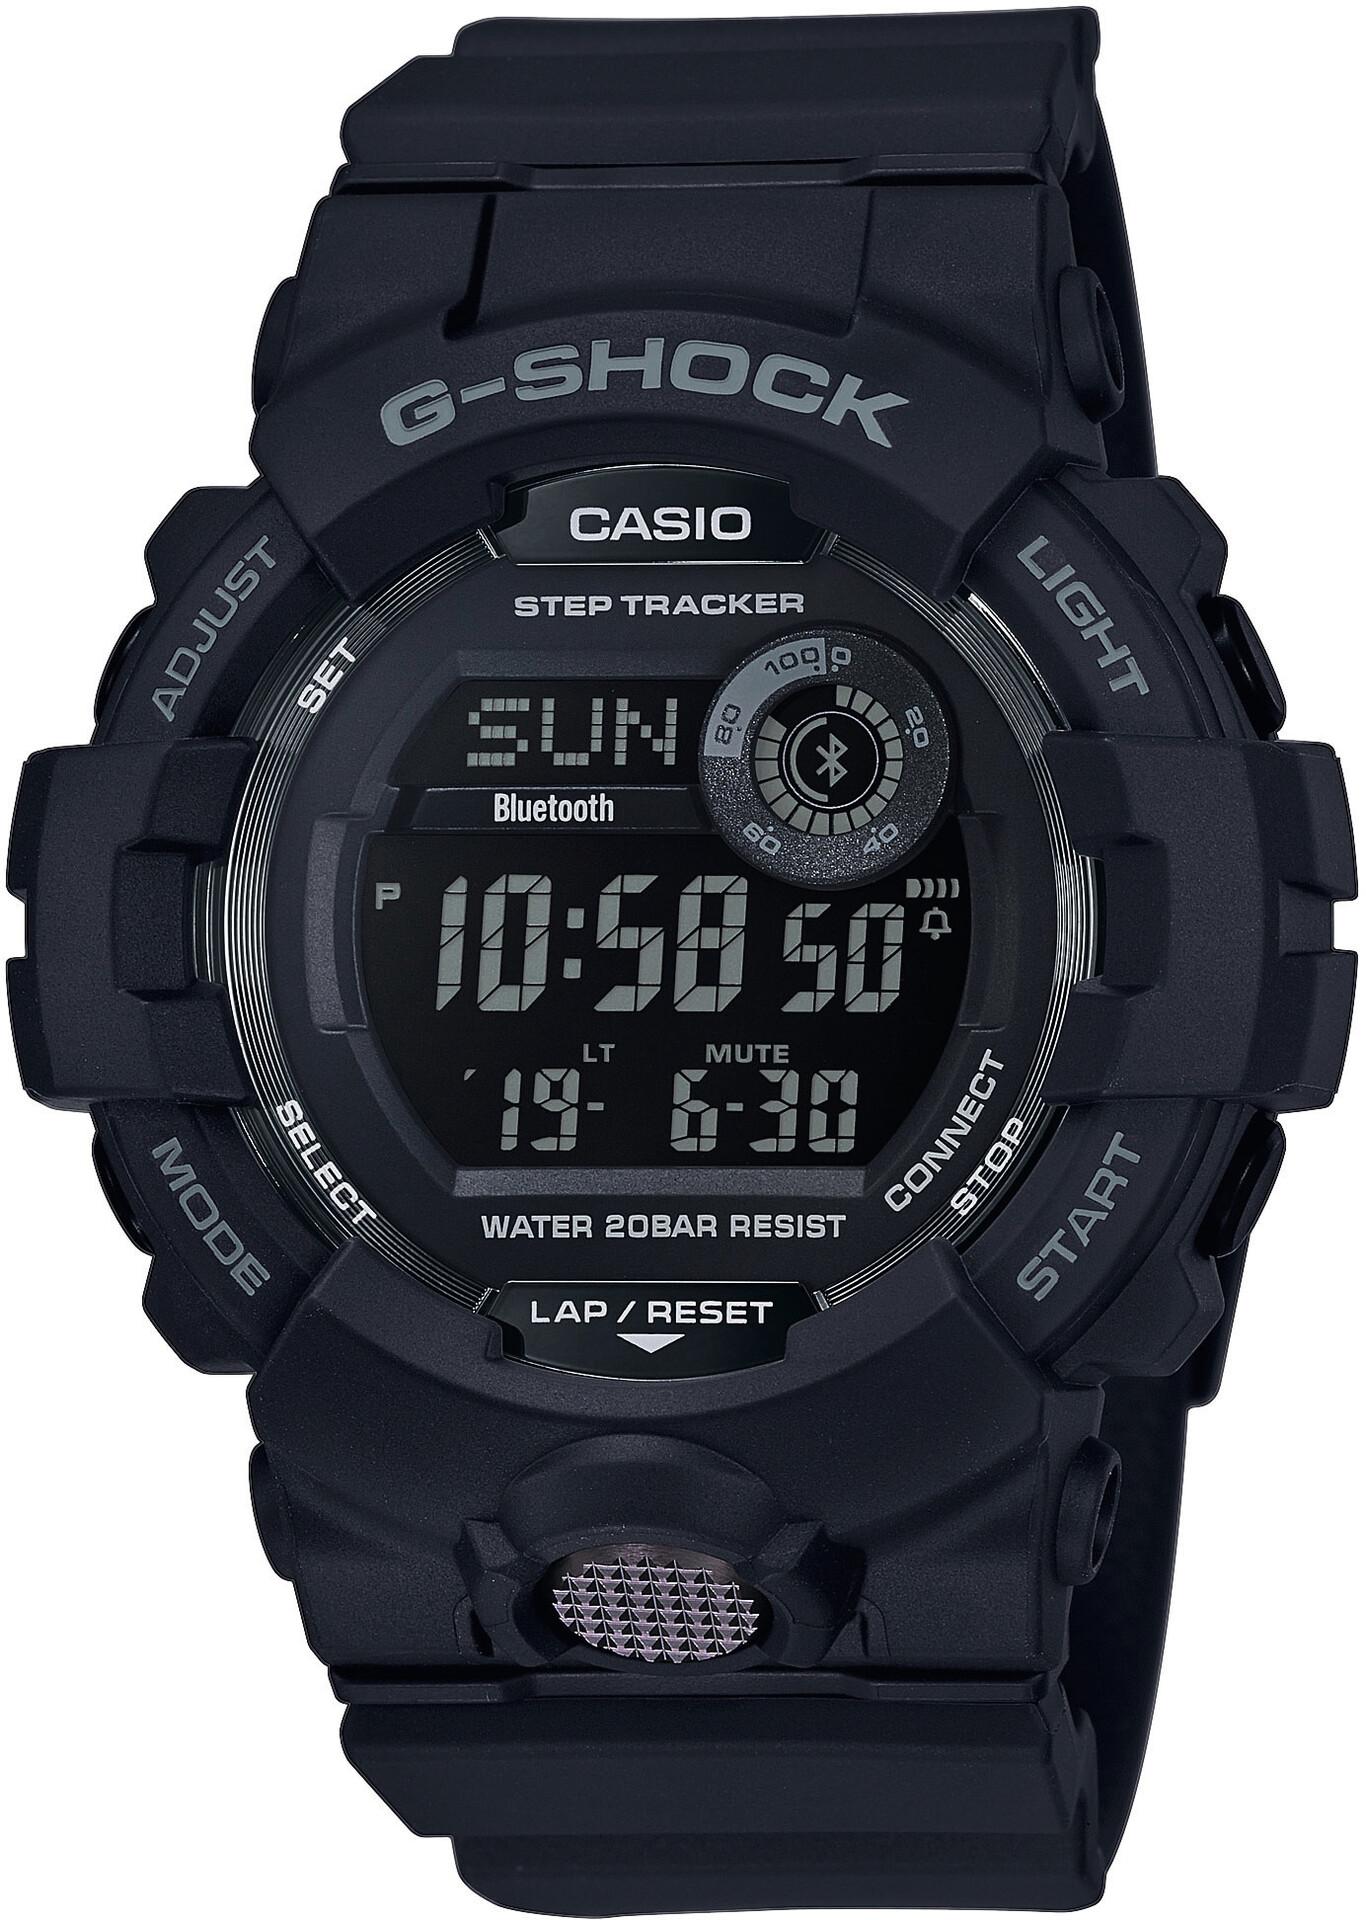 Casio G-Shock GBD-800-8ER | BestPrice.gr